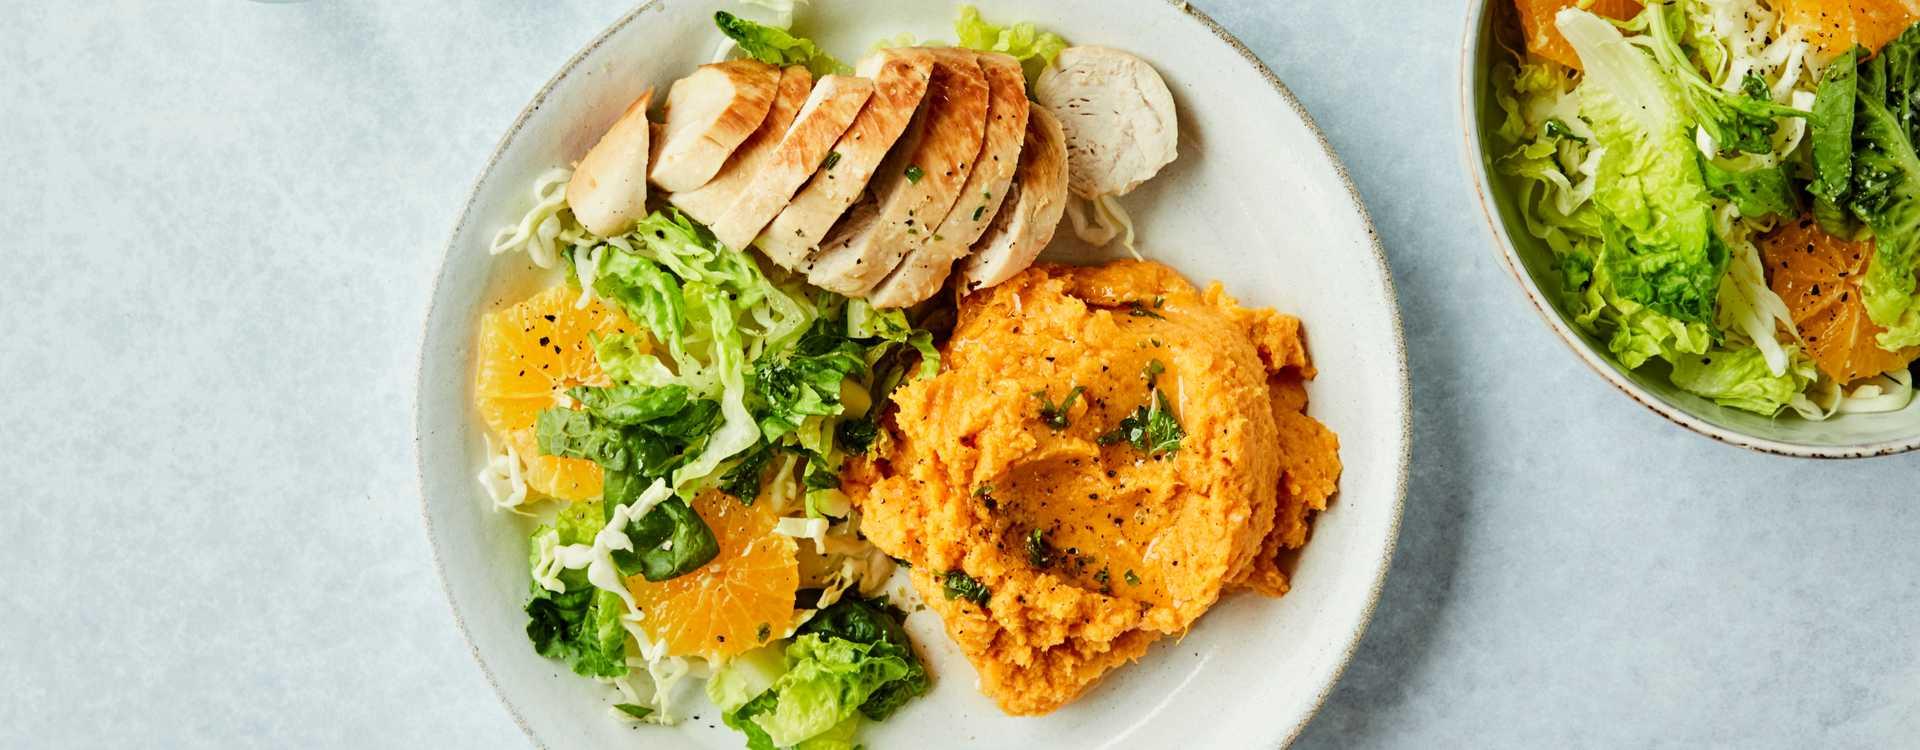 Stekt kyllingfilet med søtpotetmos, appelsin- og hjertesalat